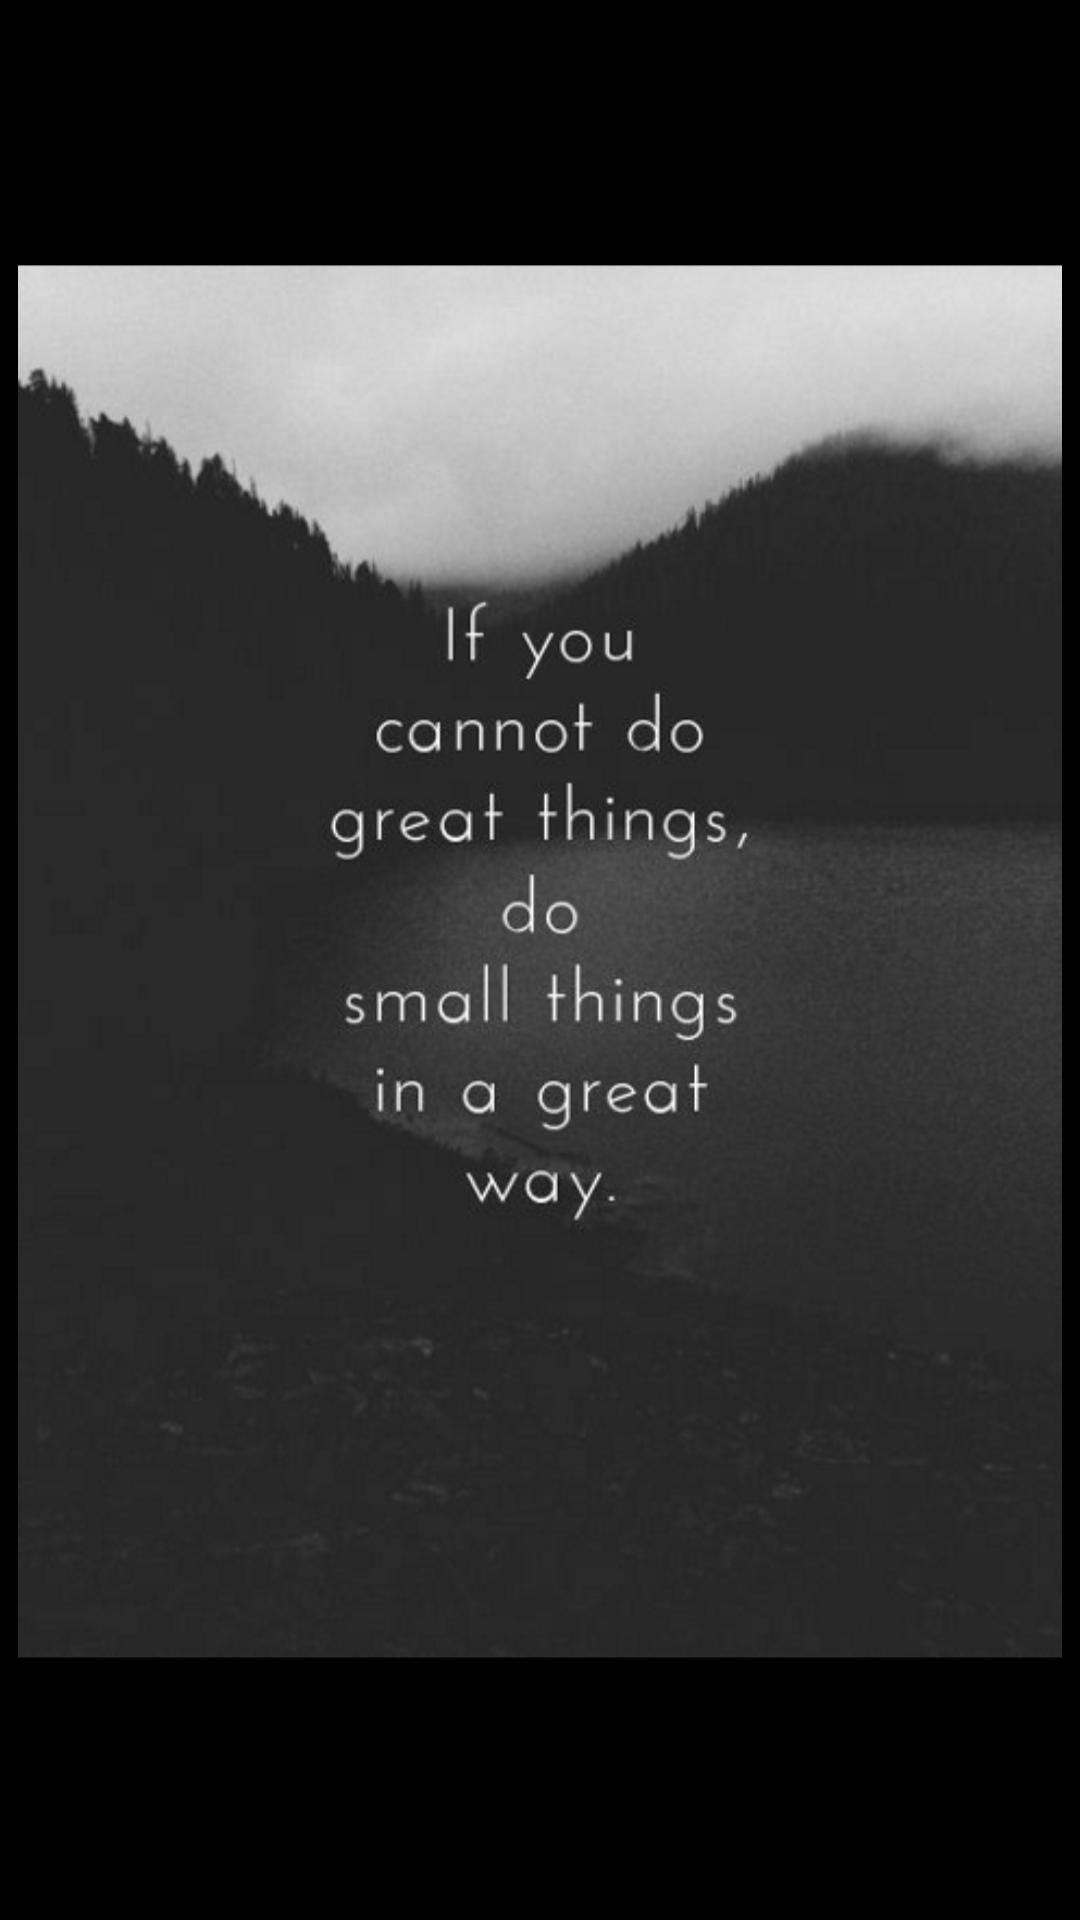 Se não puder fazer grandes coisas, faça pequenas coisas de um jeito grandioso.